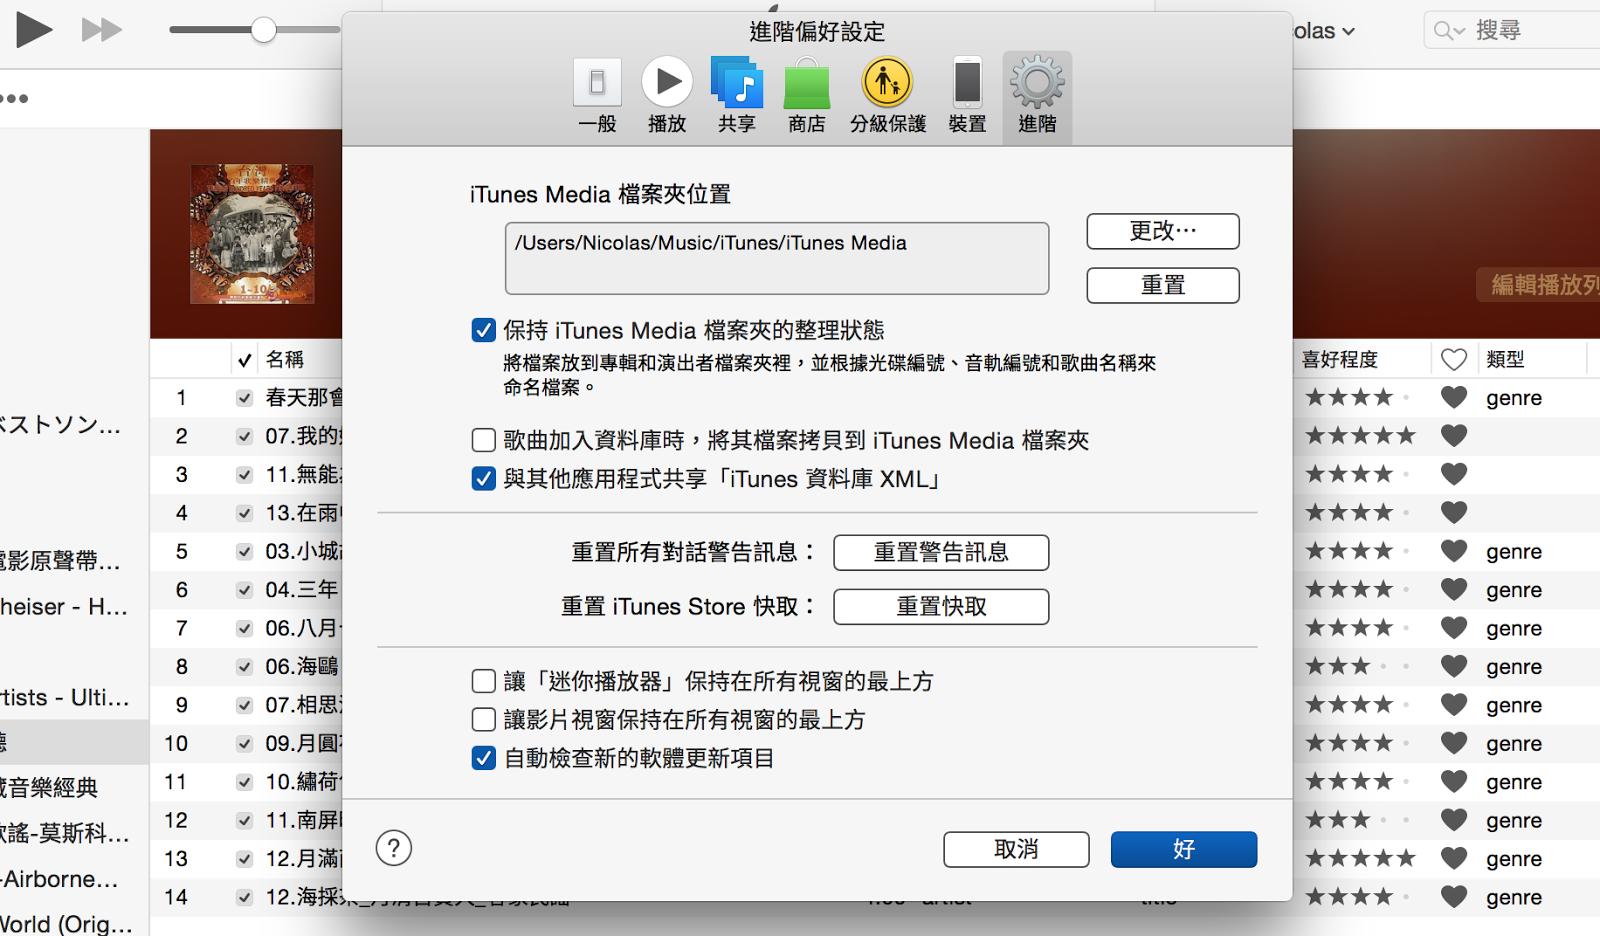 【 絕對 視線 】: [教學] 如何讓 iTunes 音樂有歌詞同步播放功能?